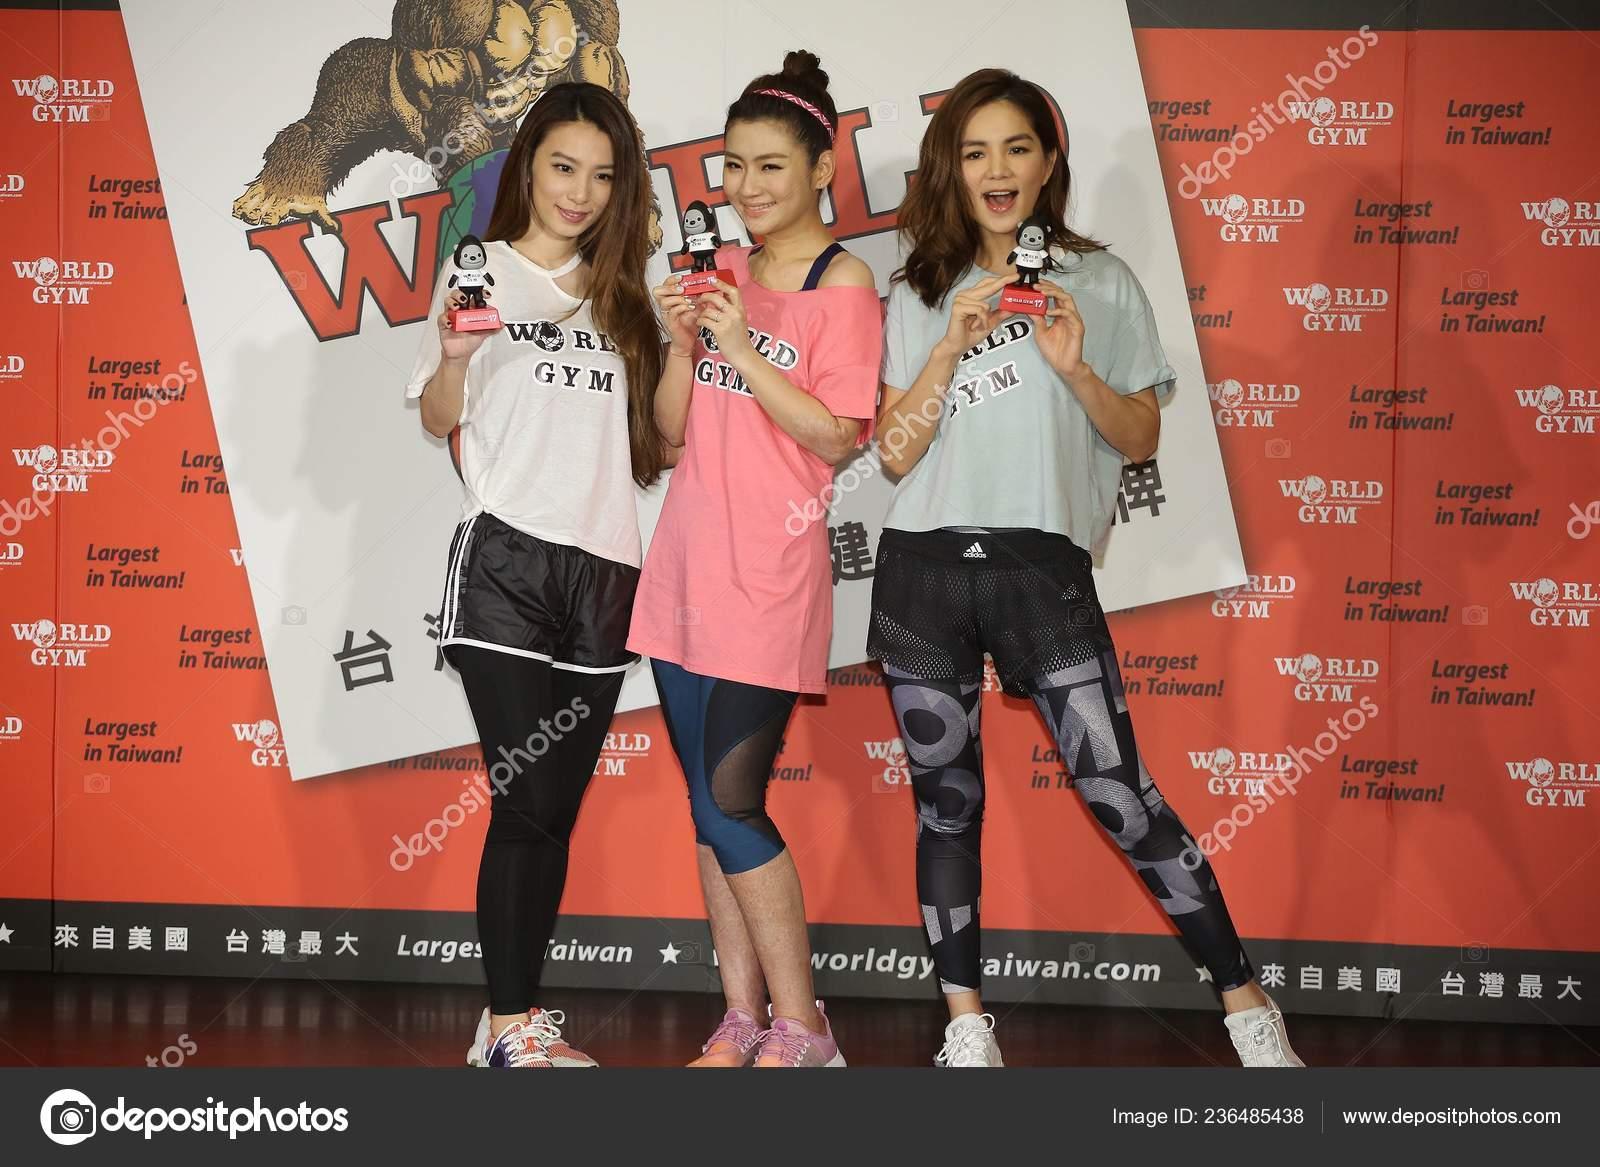 Taiwan girls